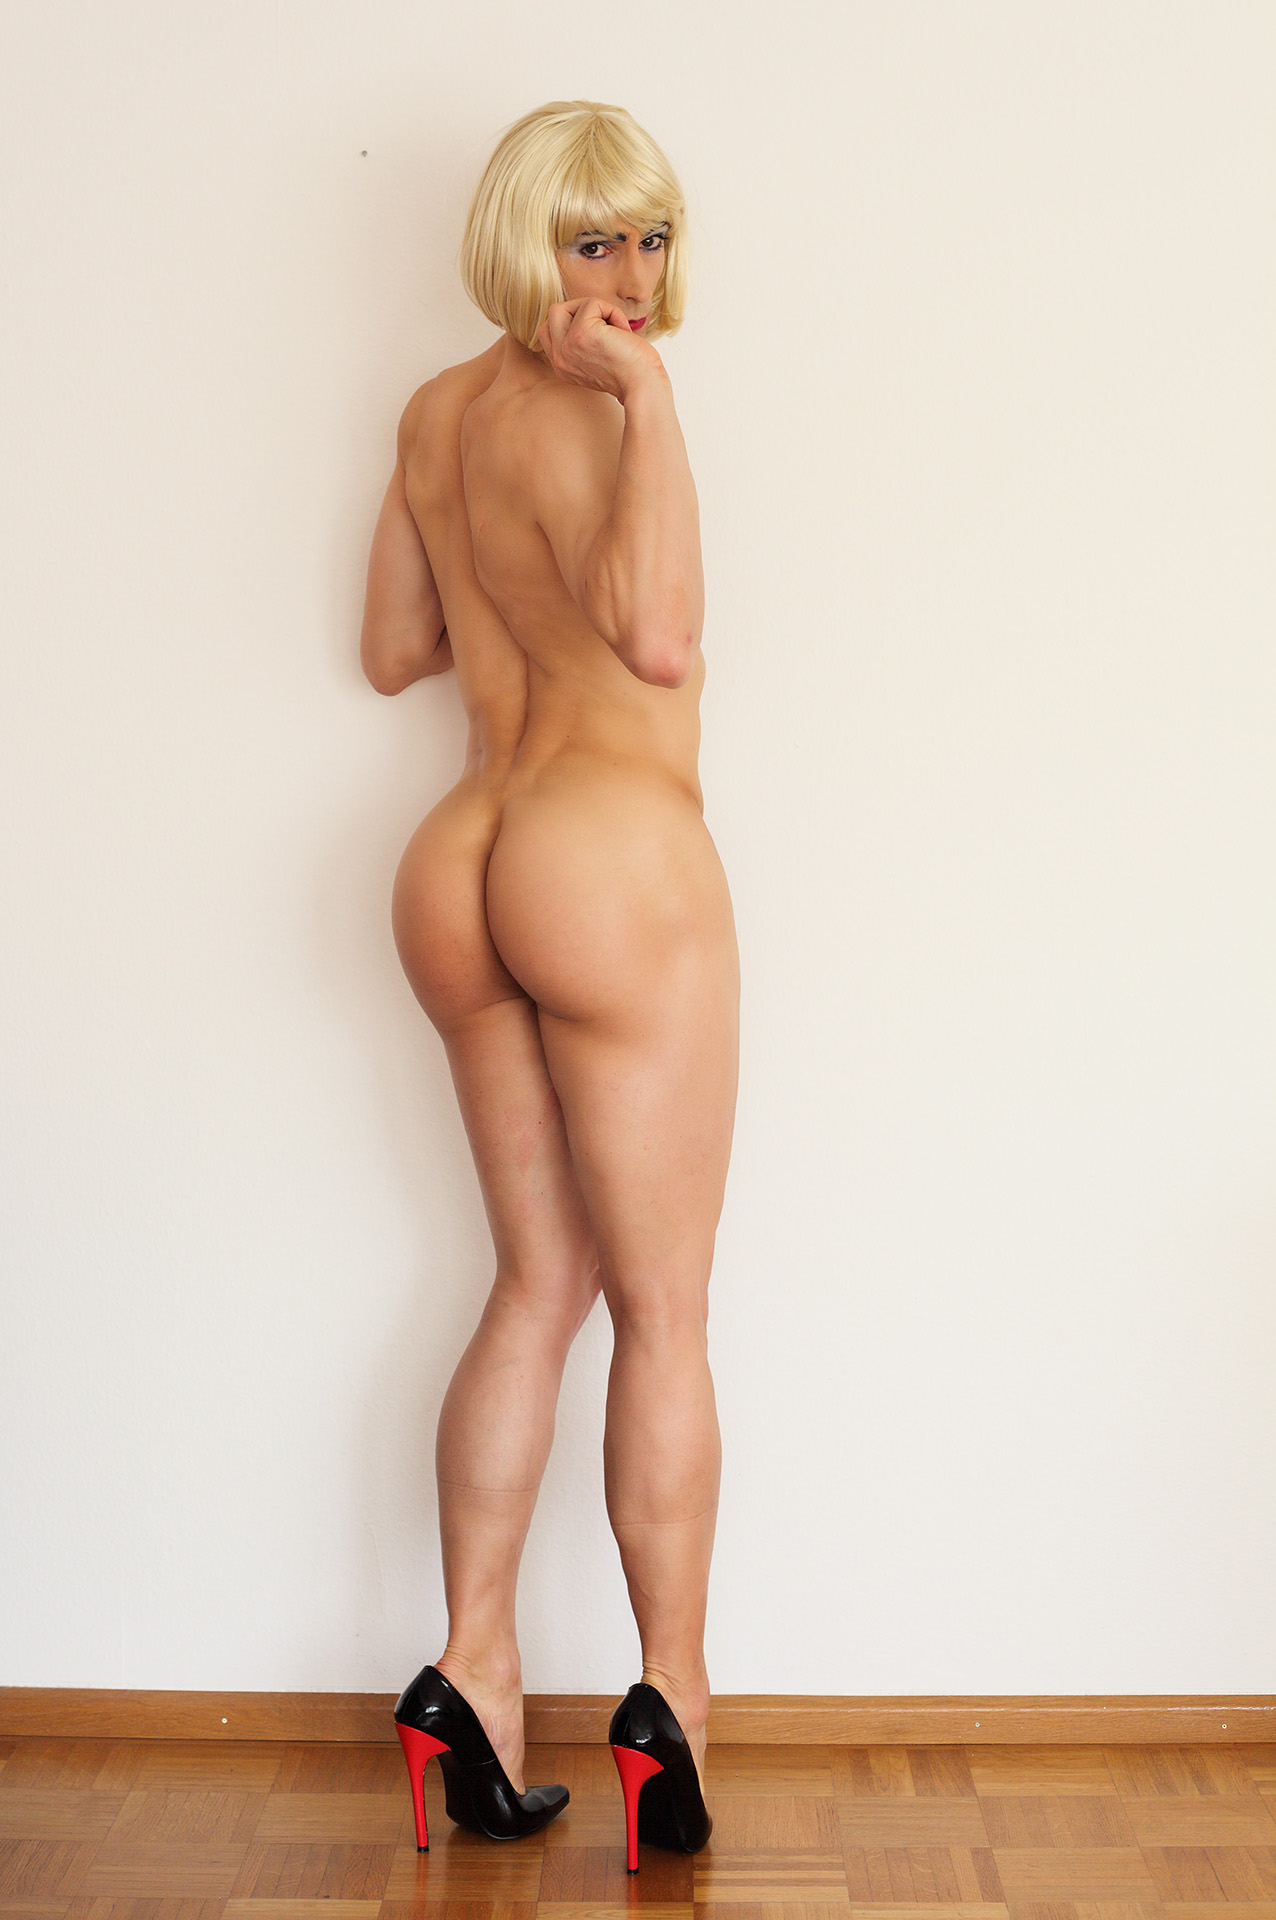 panties outdoors on knees